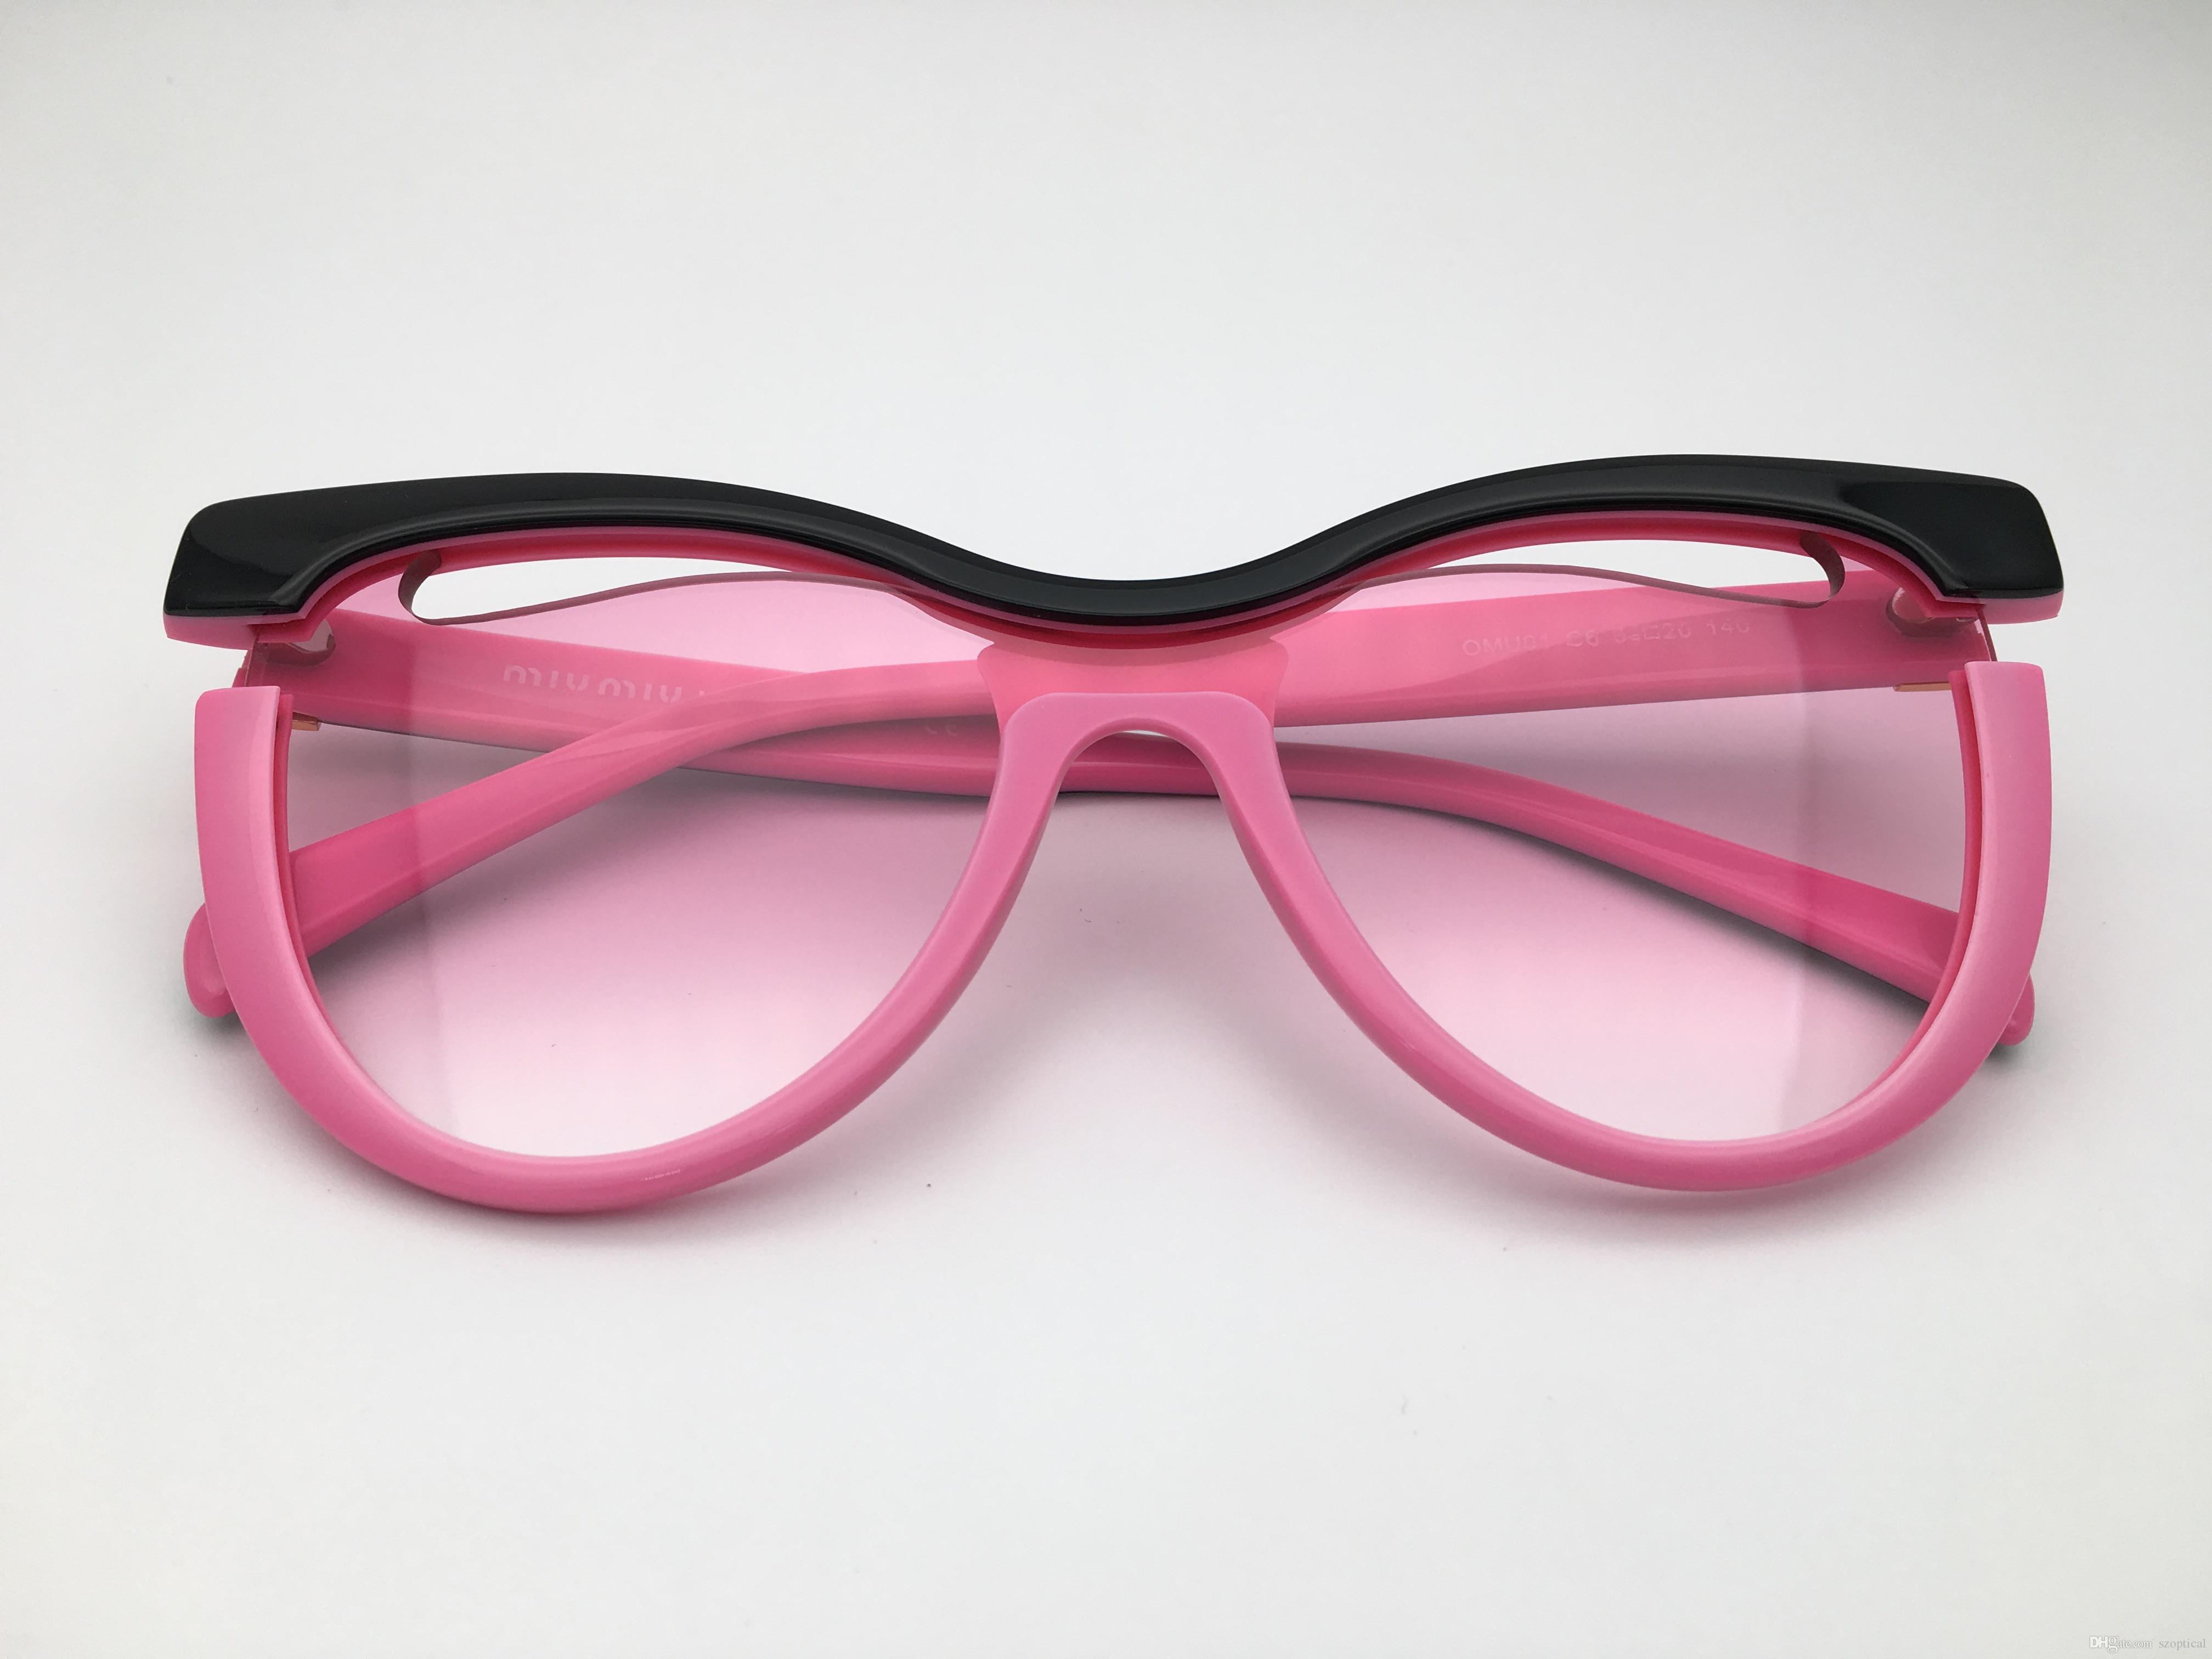 dd022d17cca40 Compre Cat Eye Super Alta Boa Qualidade Uv400 Proteção Lente Moda Óculos De  Luxo Mulheres Marca Óculos De Sol Com Caixa E Caixa Oculos De Sol De  Szoptical